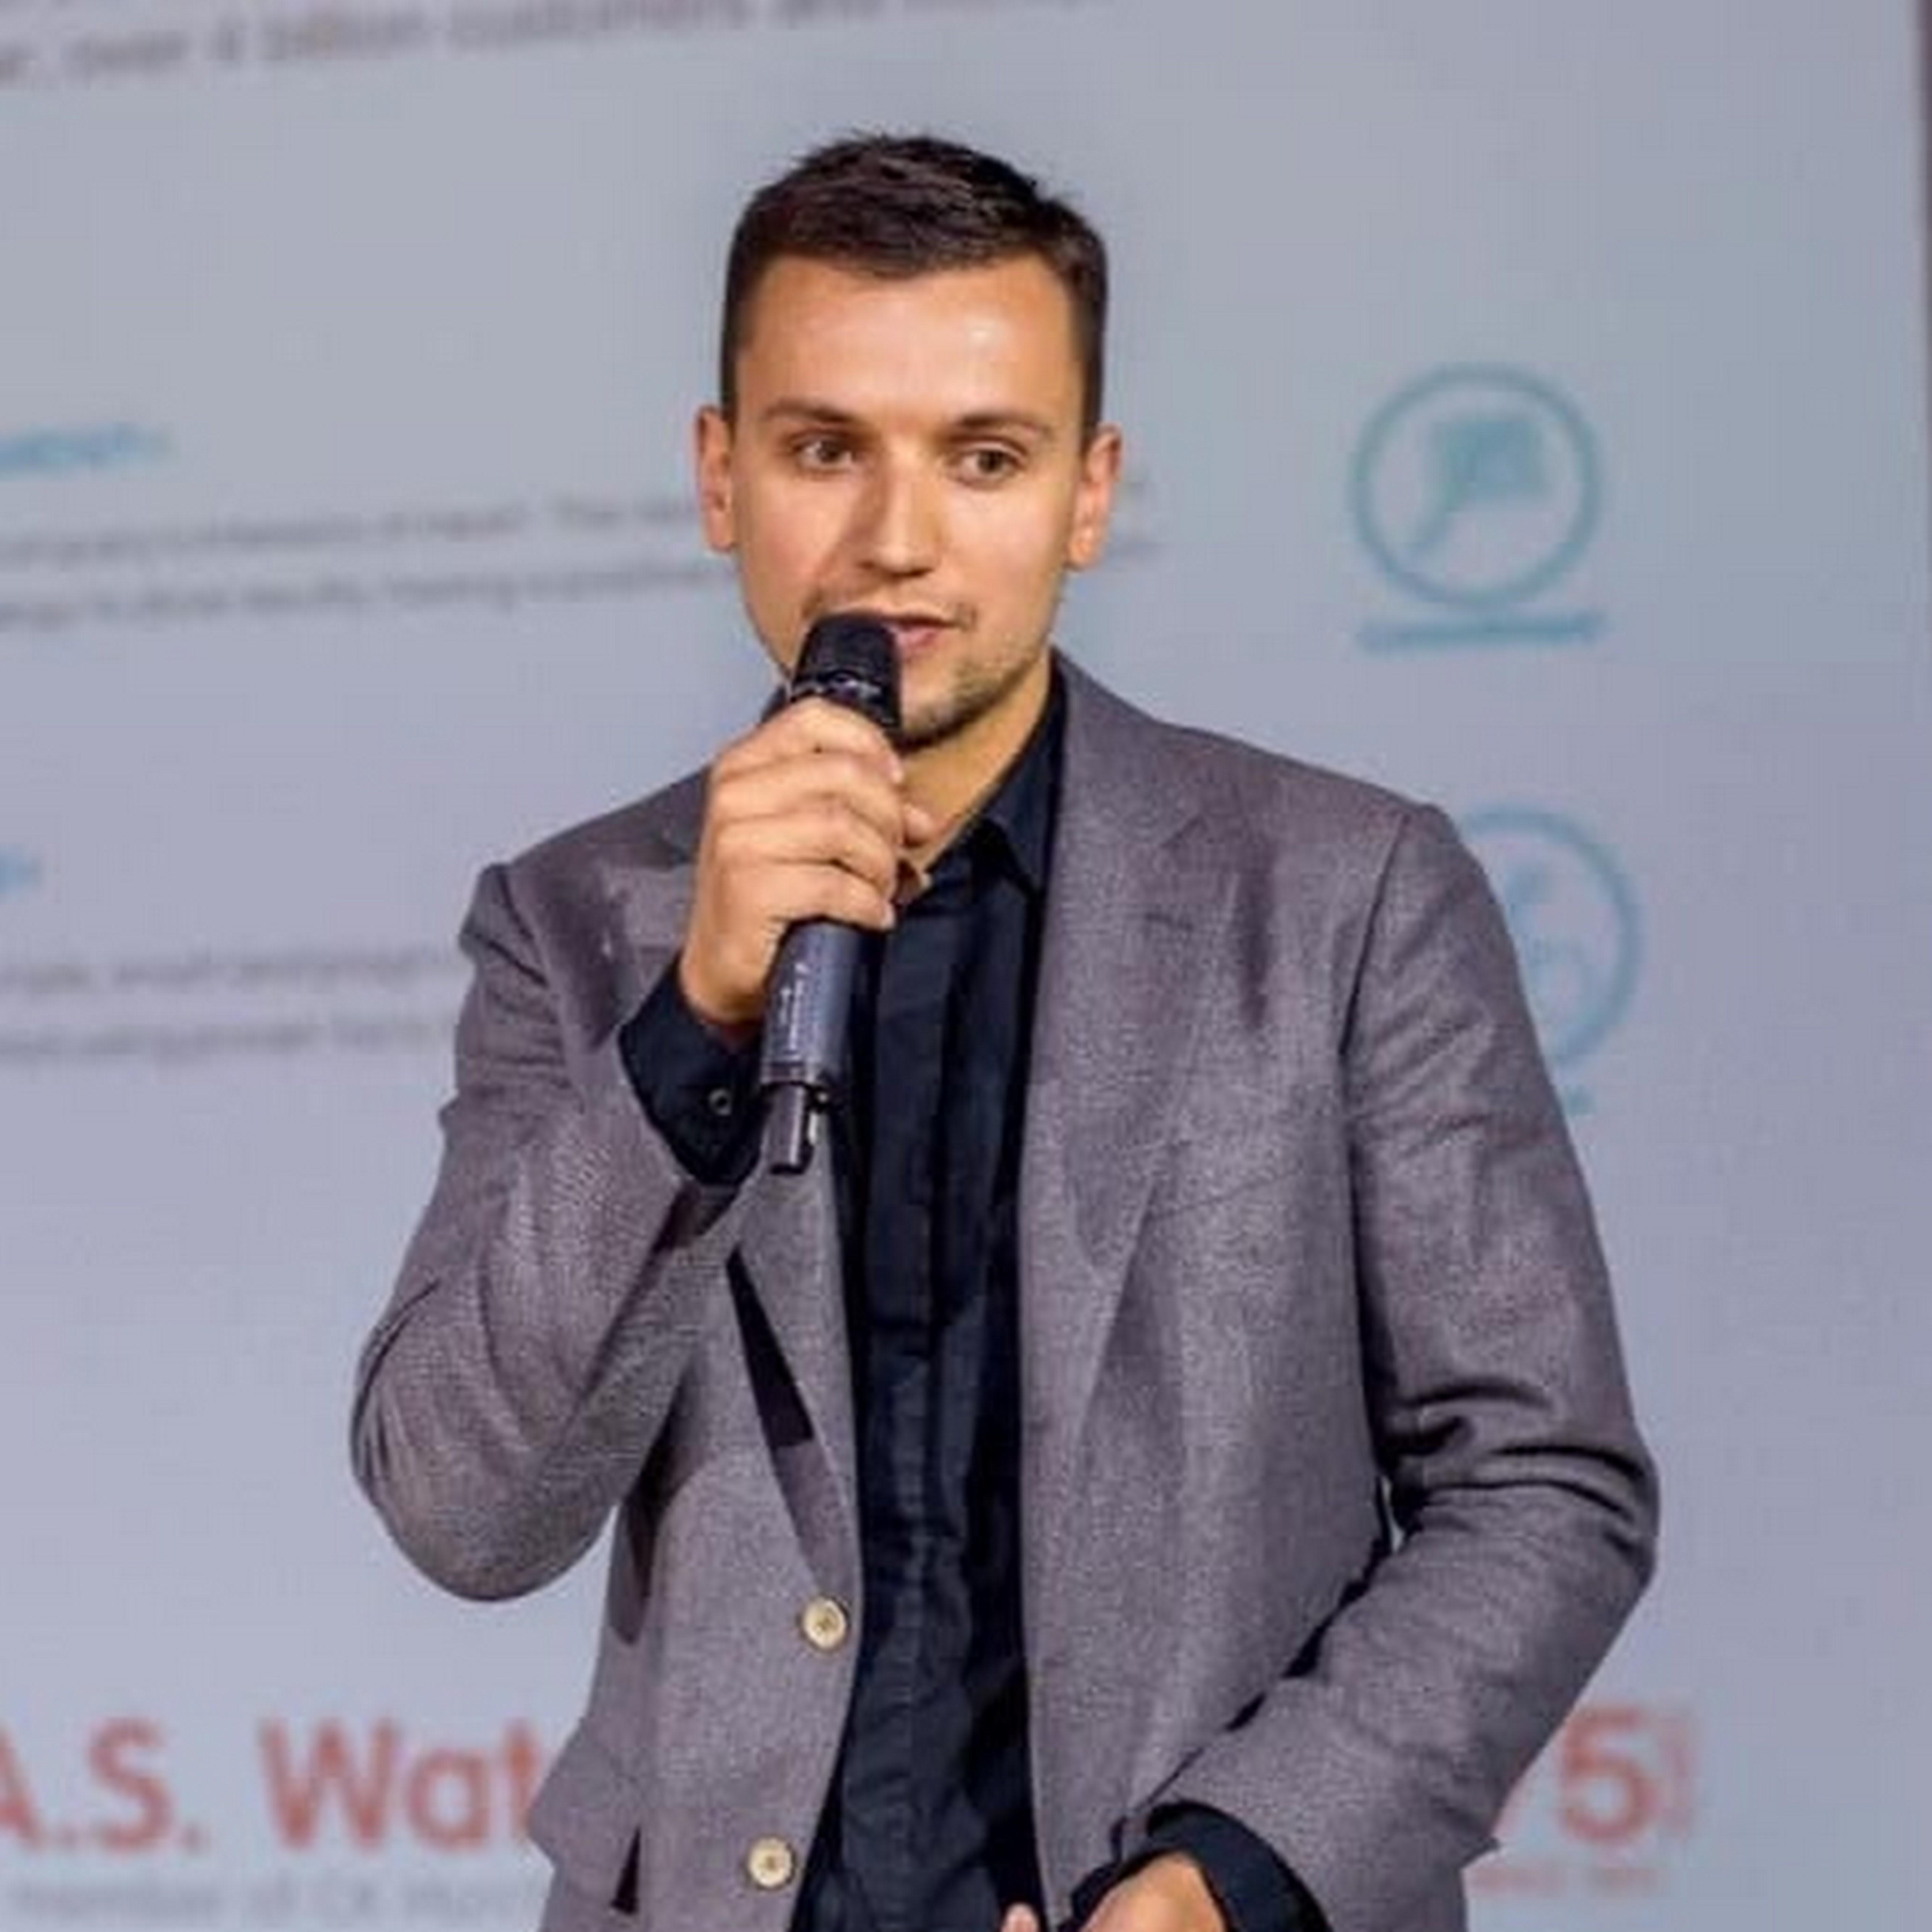 Oleksandr